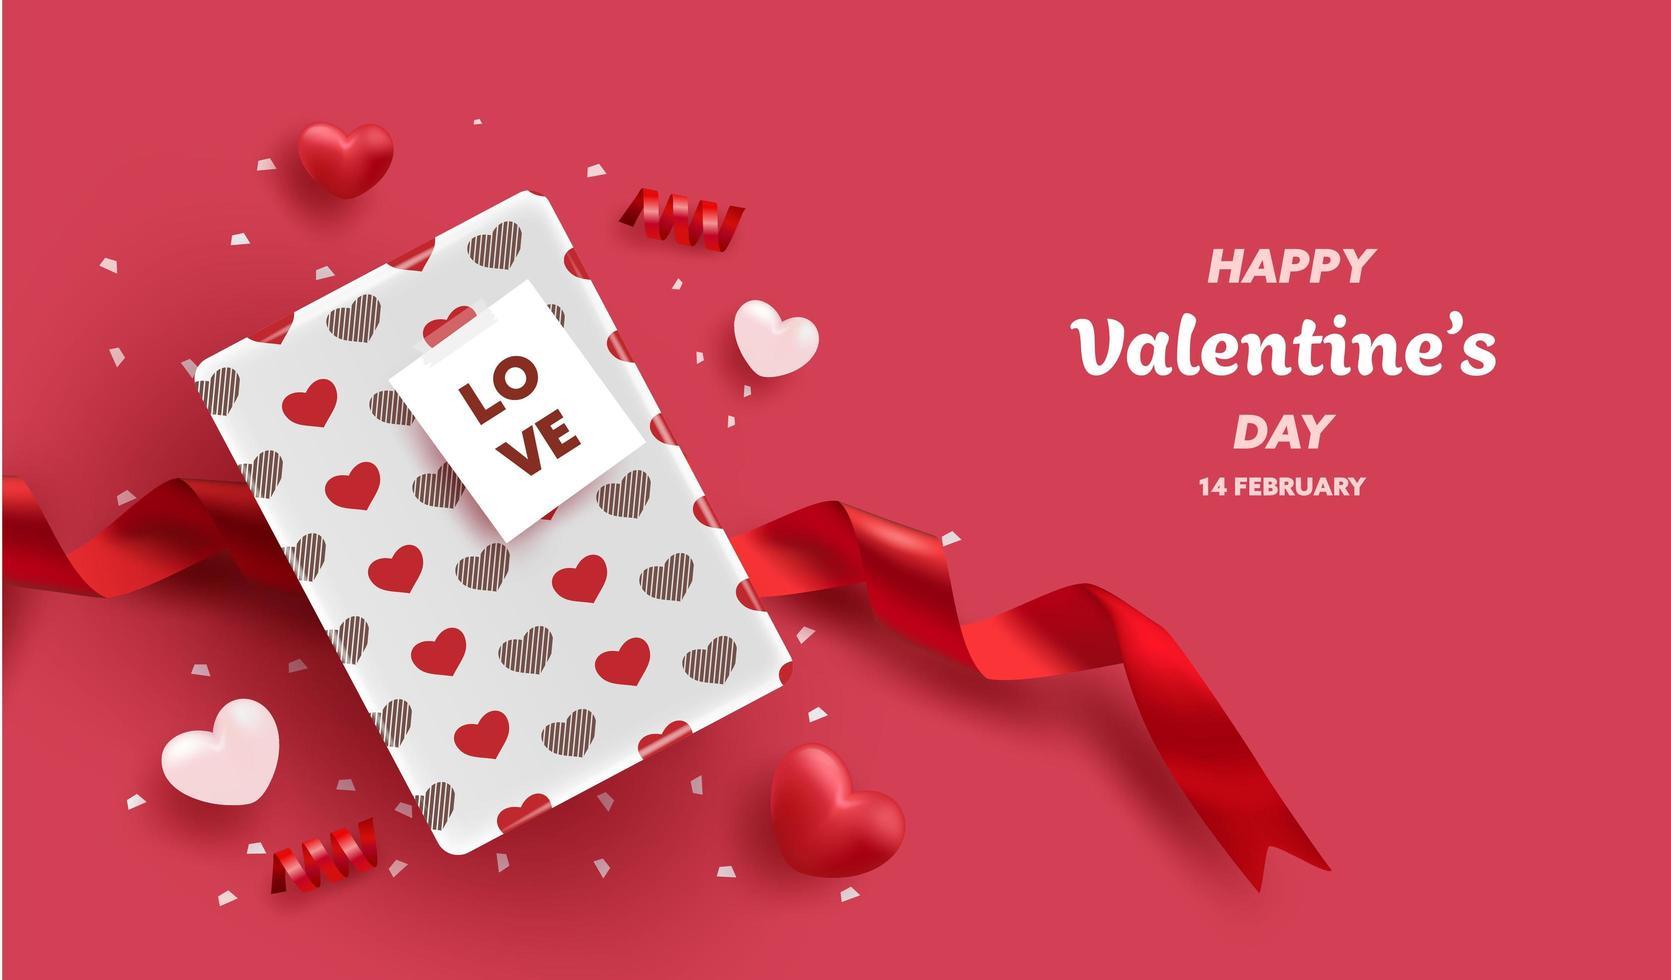 Happy Valentines Day Geschenkbox Grußkarte vektor